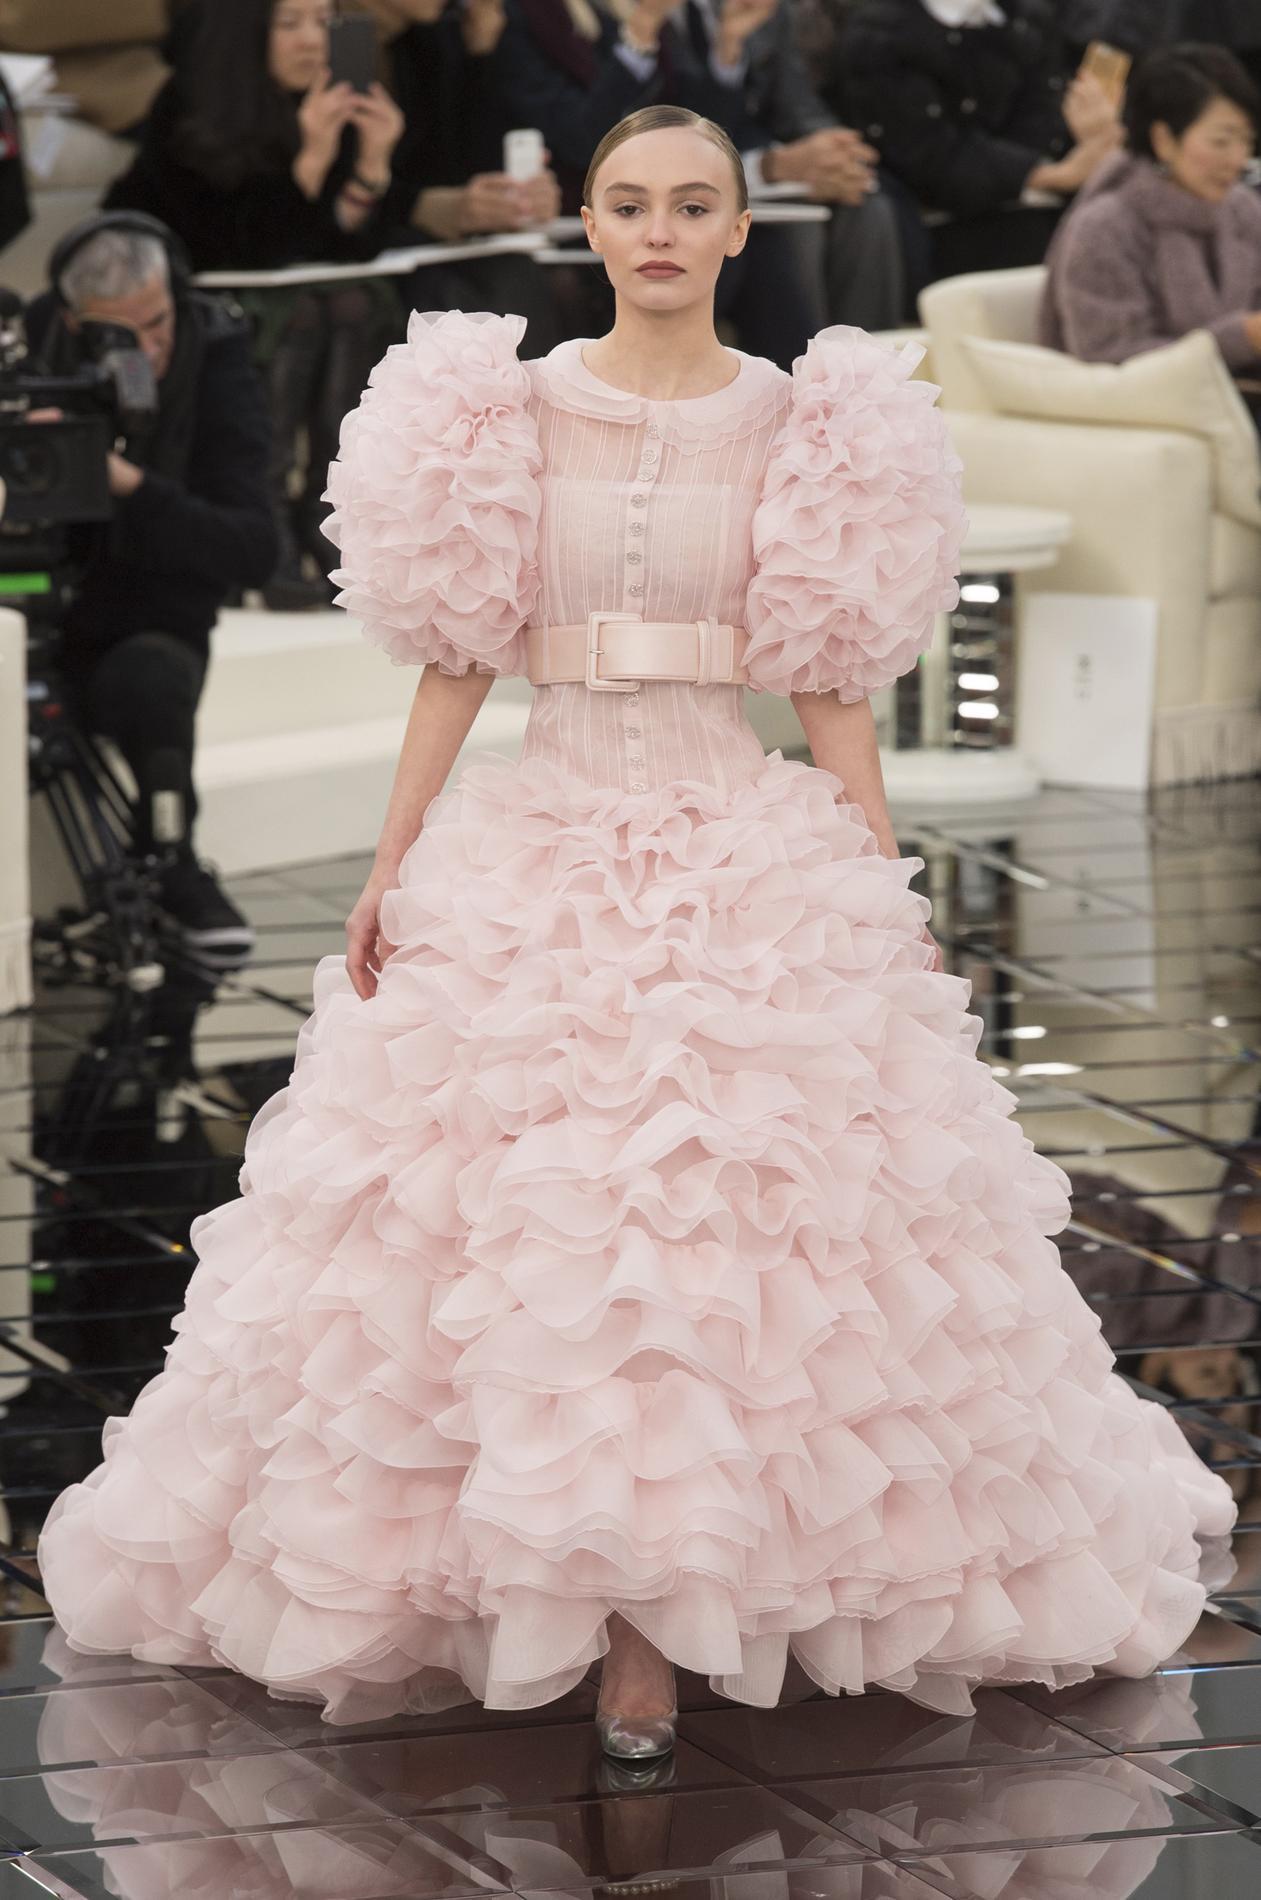 Souvent Chanel : dans les secrets de fabrication d'une robe haute HQ81